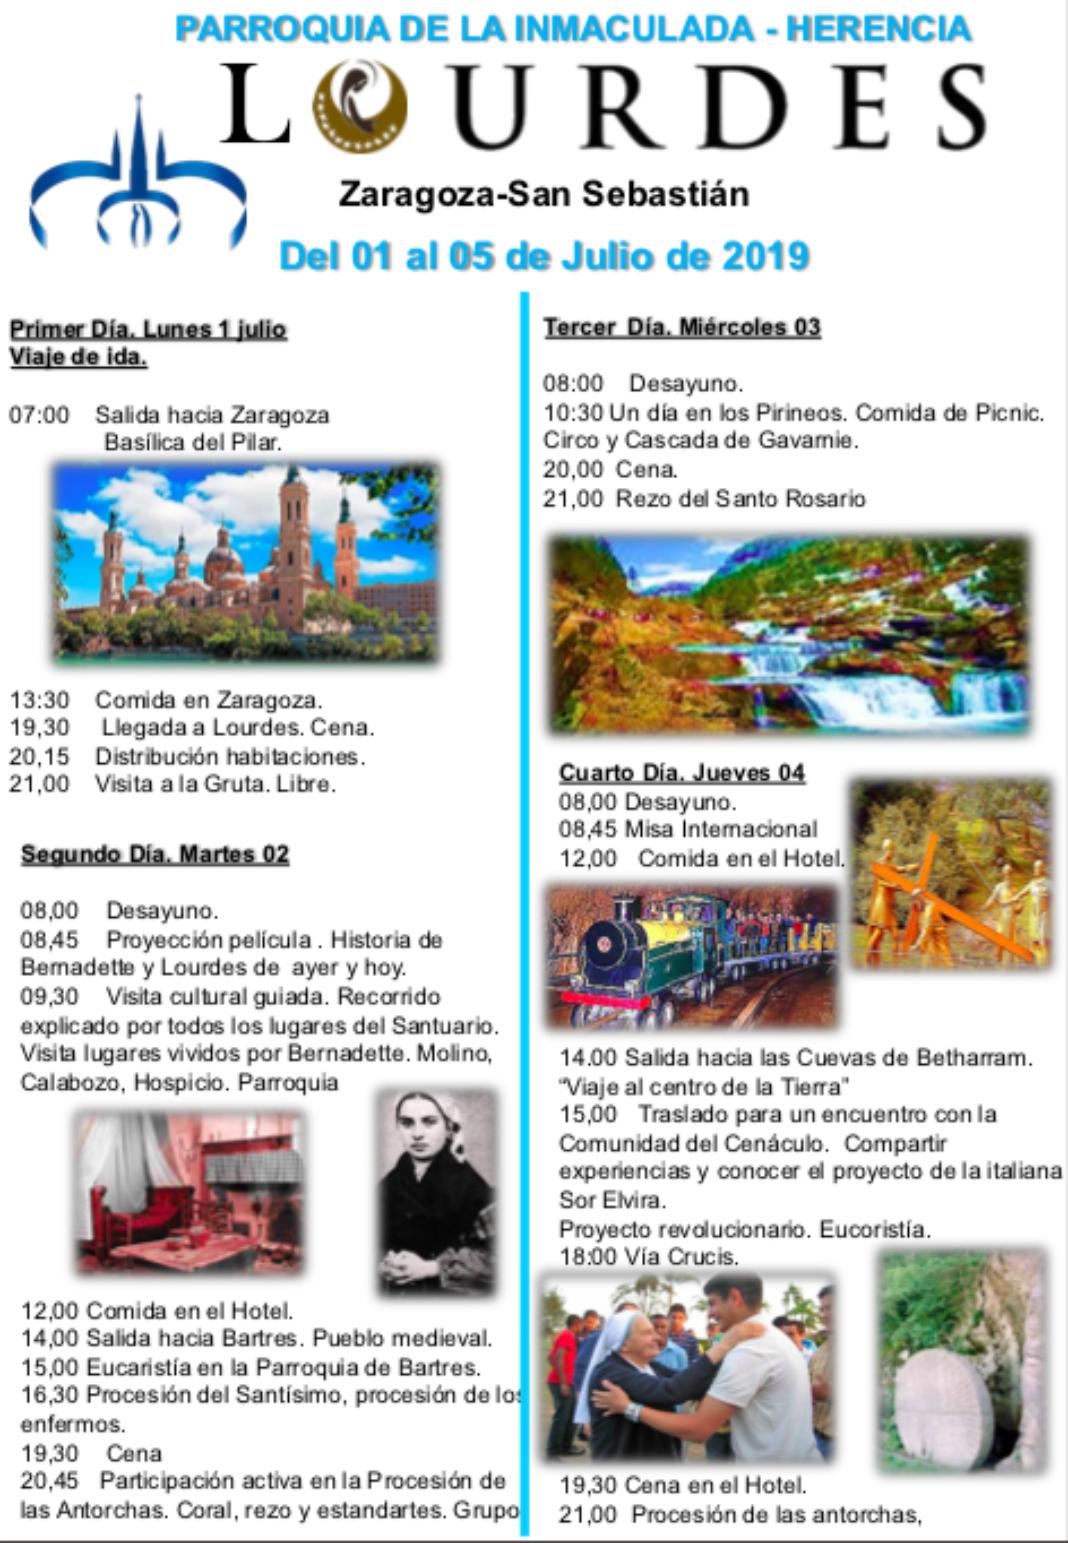 La parroquia de Herencia prepara un viaje-peregrinación a Lourdes 13